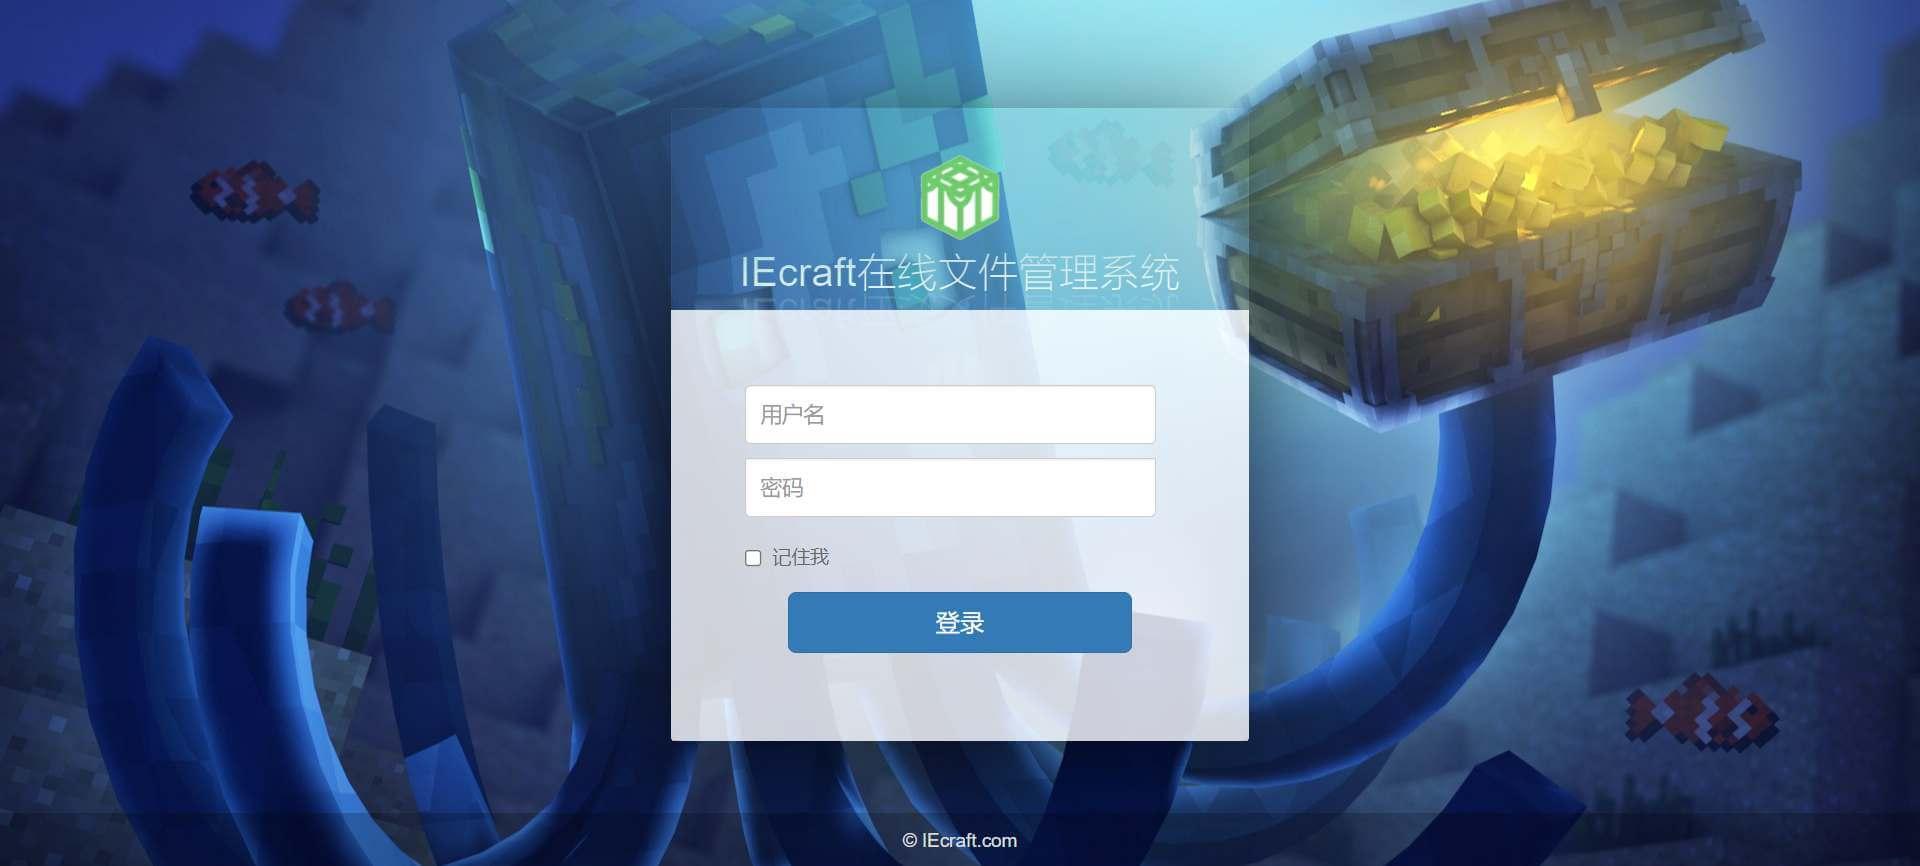 《IEcraft文件管理系统升级日志》